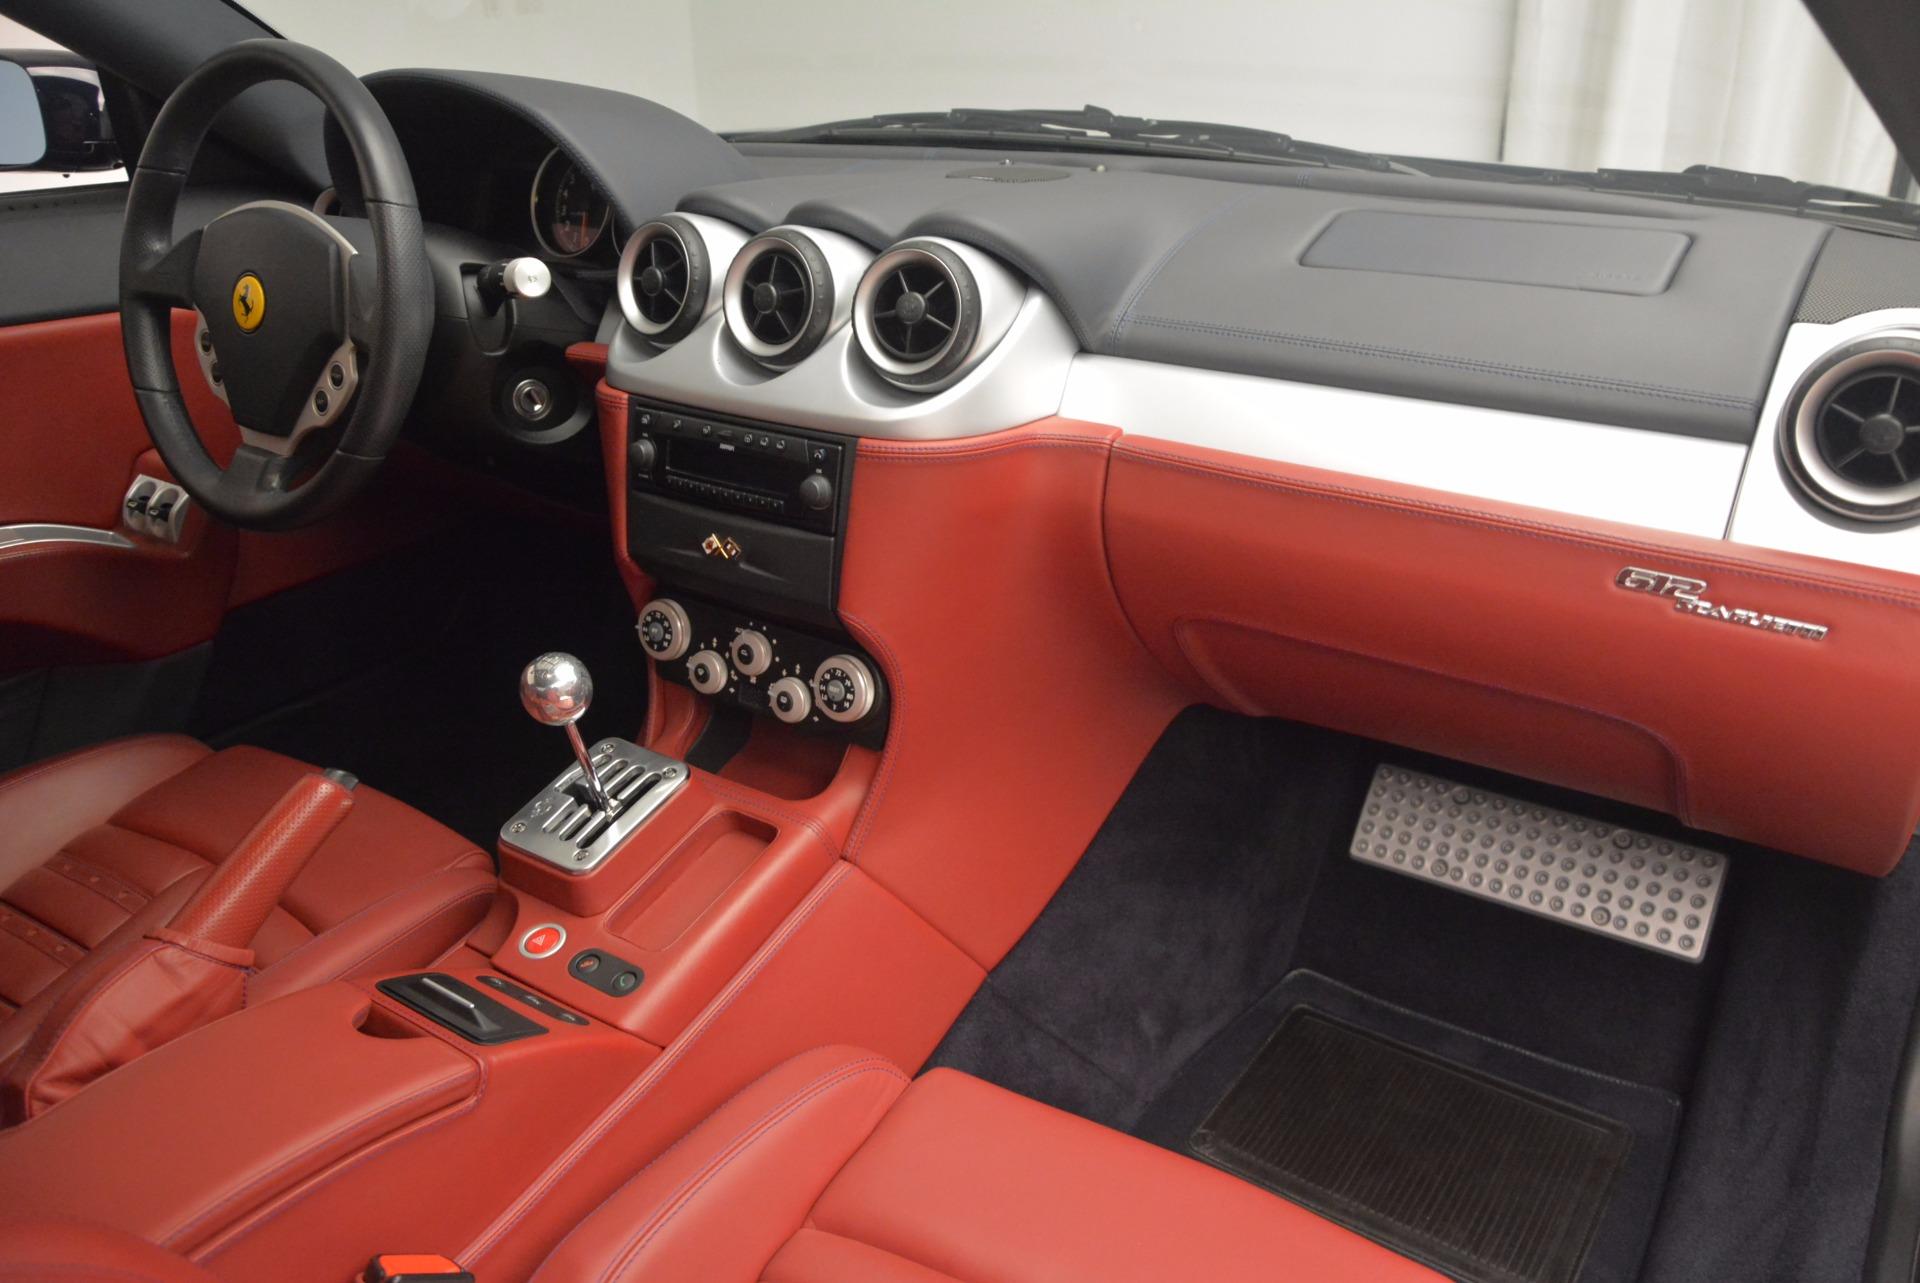 Used 2005 Ferrari 612 Scaglietti 6-Speed Manual For Sale In Greenwich, CT. Alfa Romeo of Greenwich, 4356 854_p18